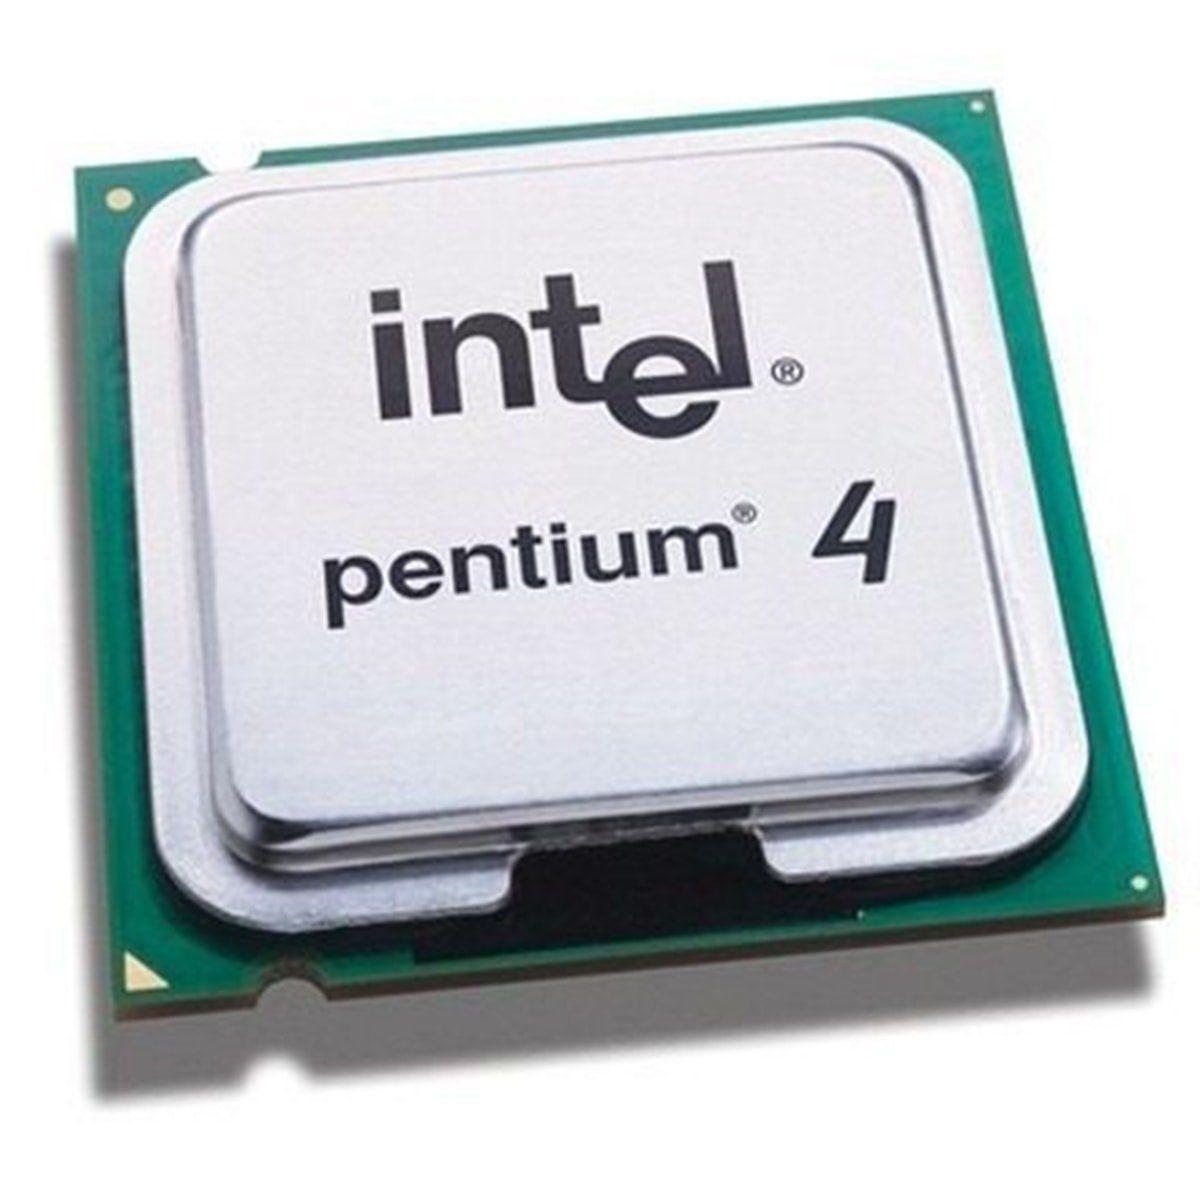 CPU 775 | PENTIUM 4 631 | SL9KG | INTEL | 3.00 GHZ